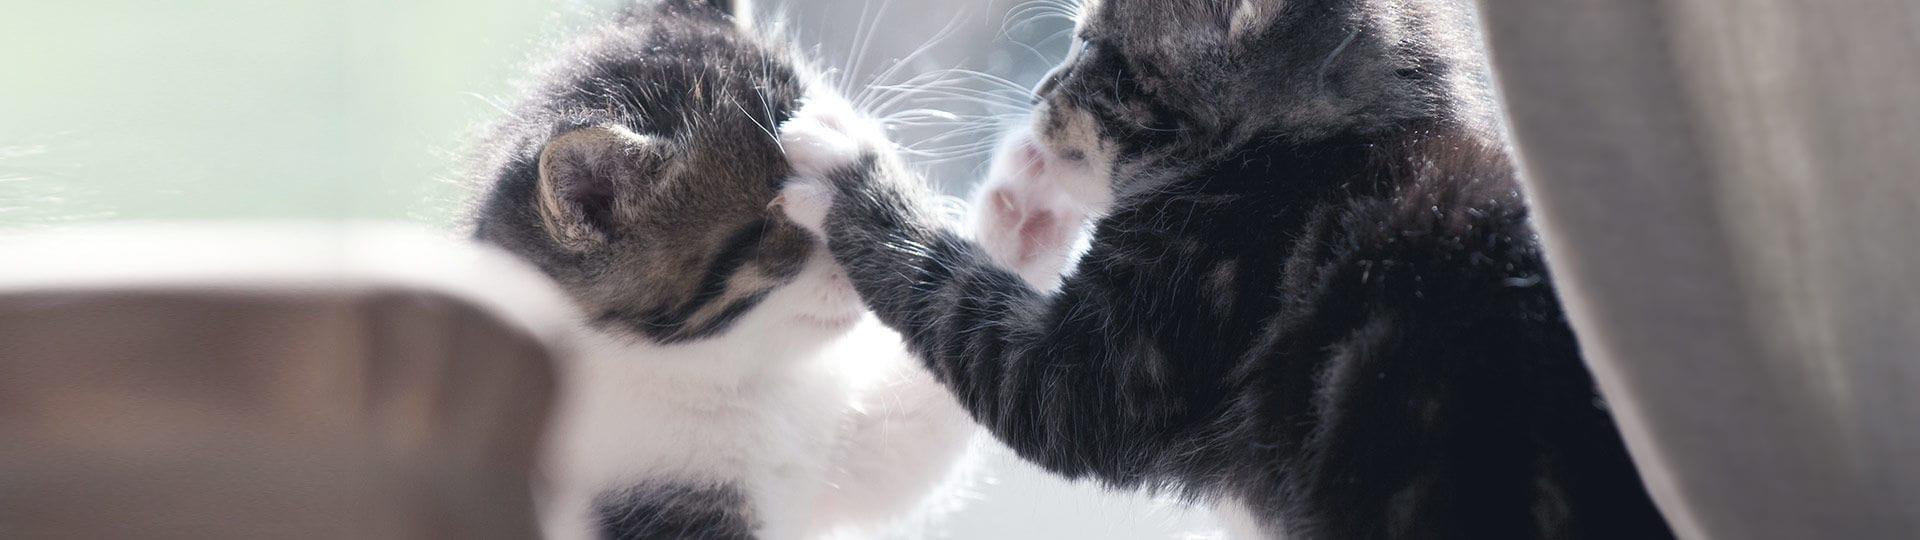 Spannungen zwischen Katzen vermeiden